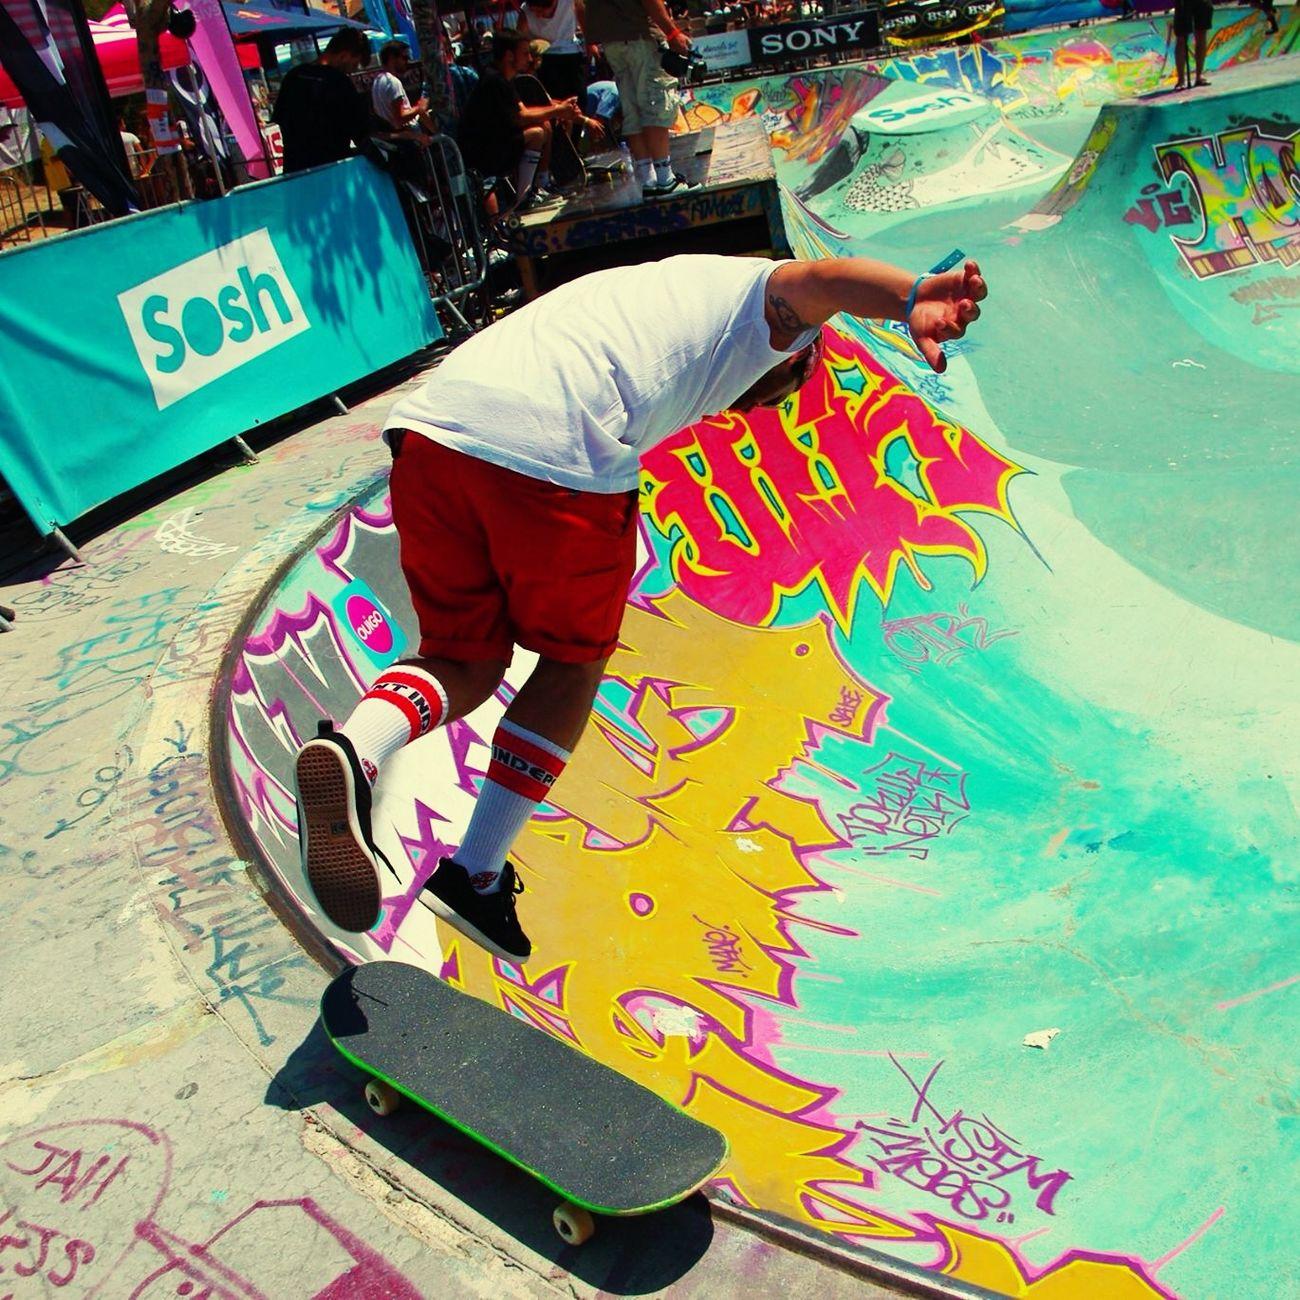 Skate Skateboarding Chute